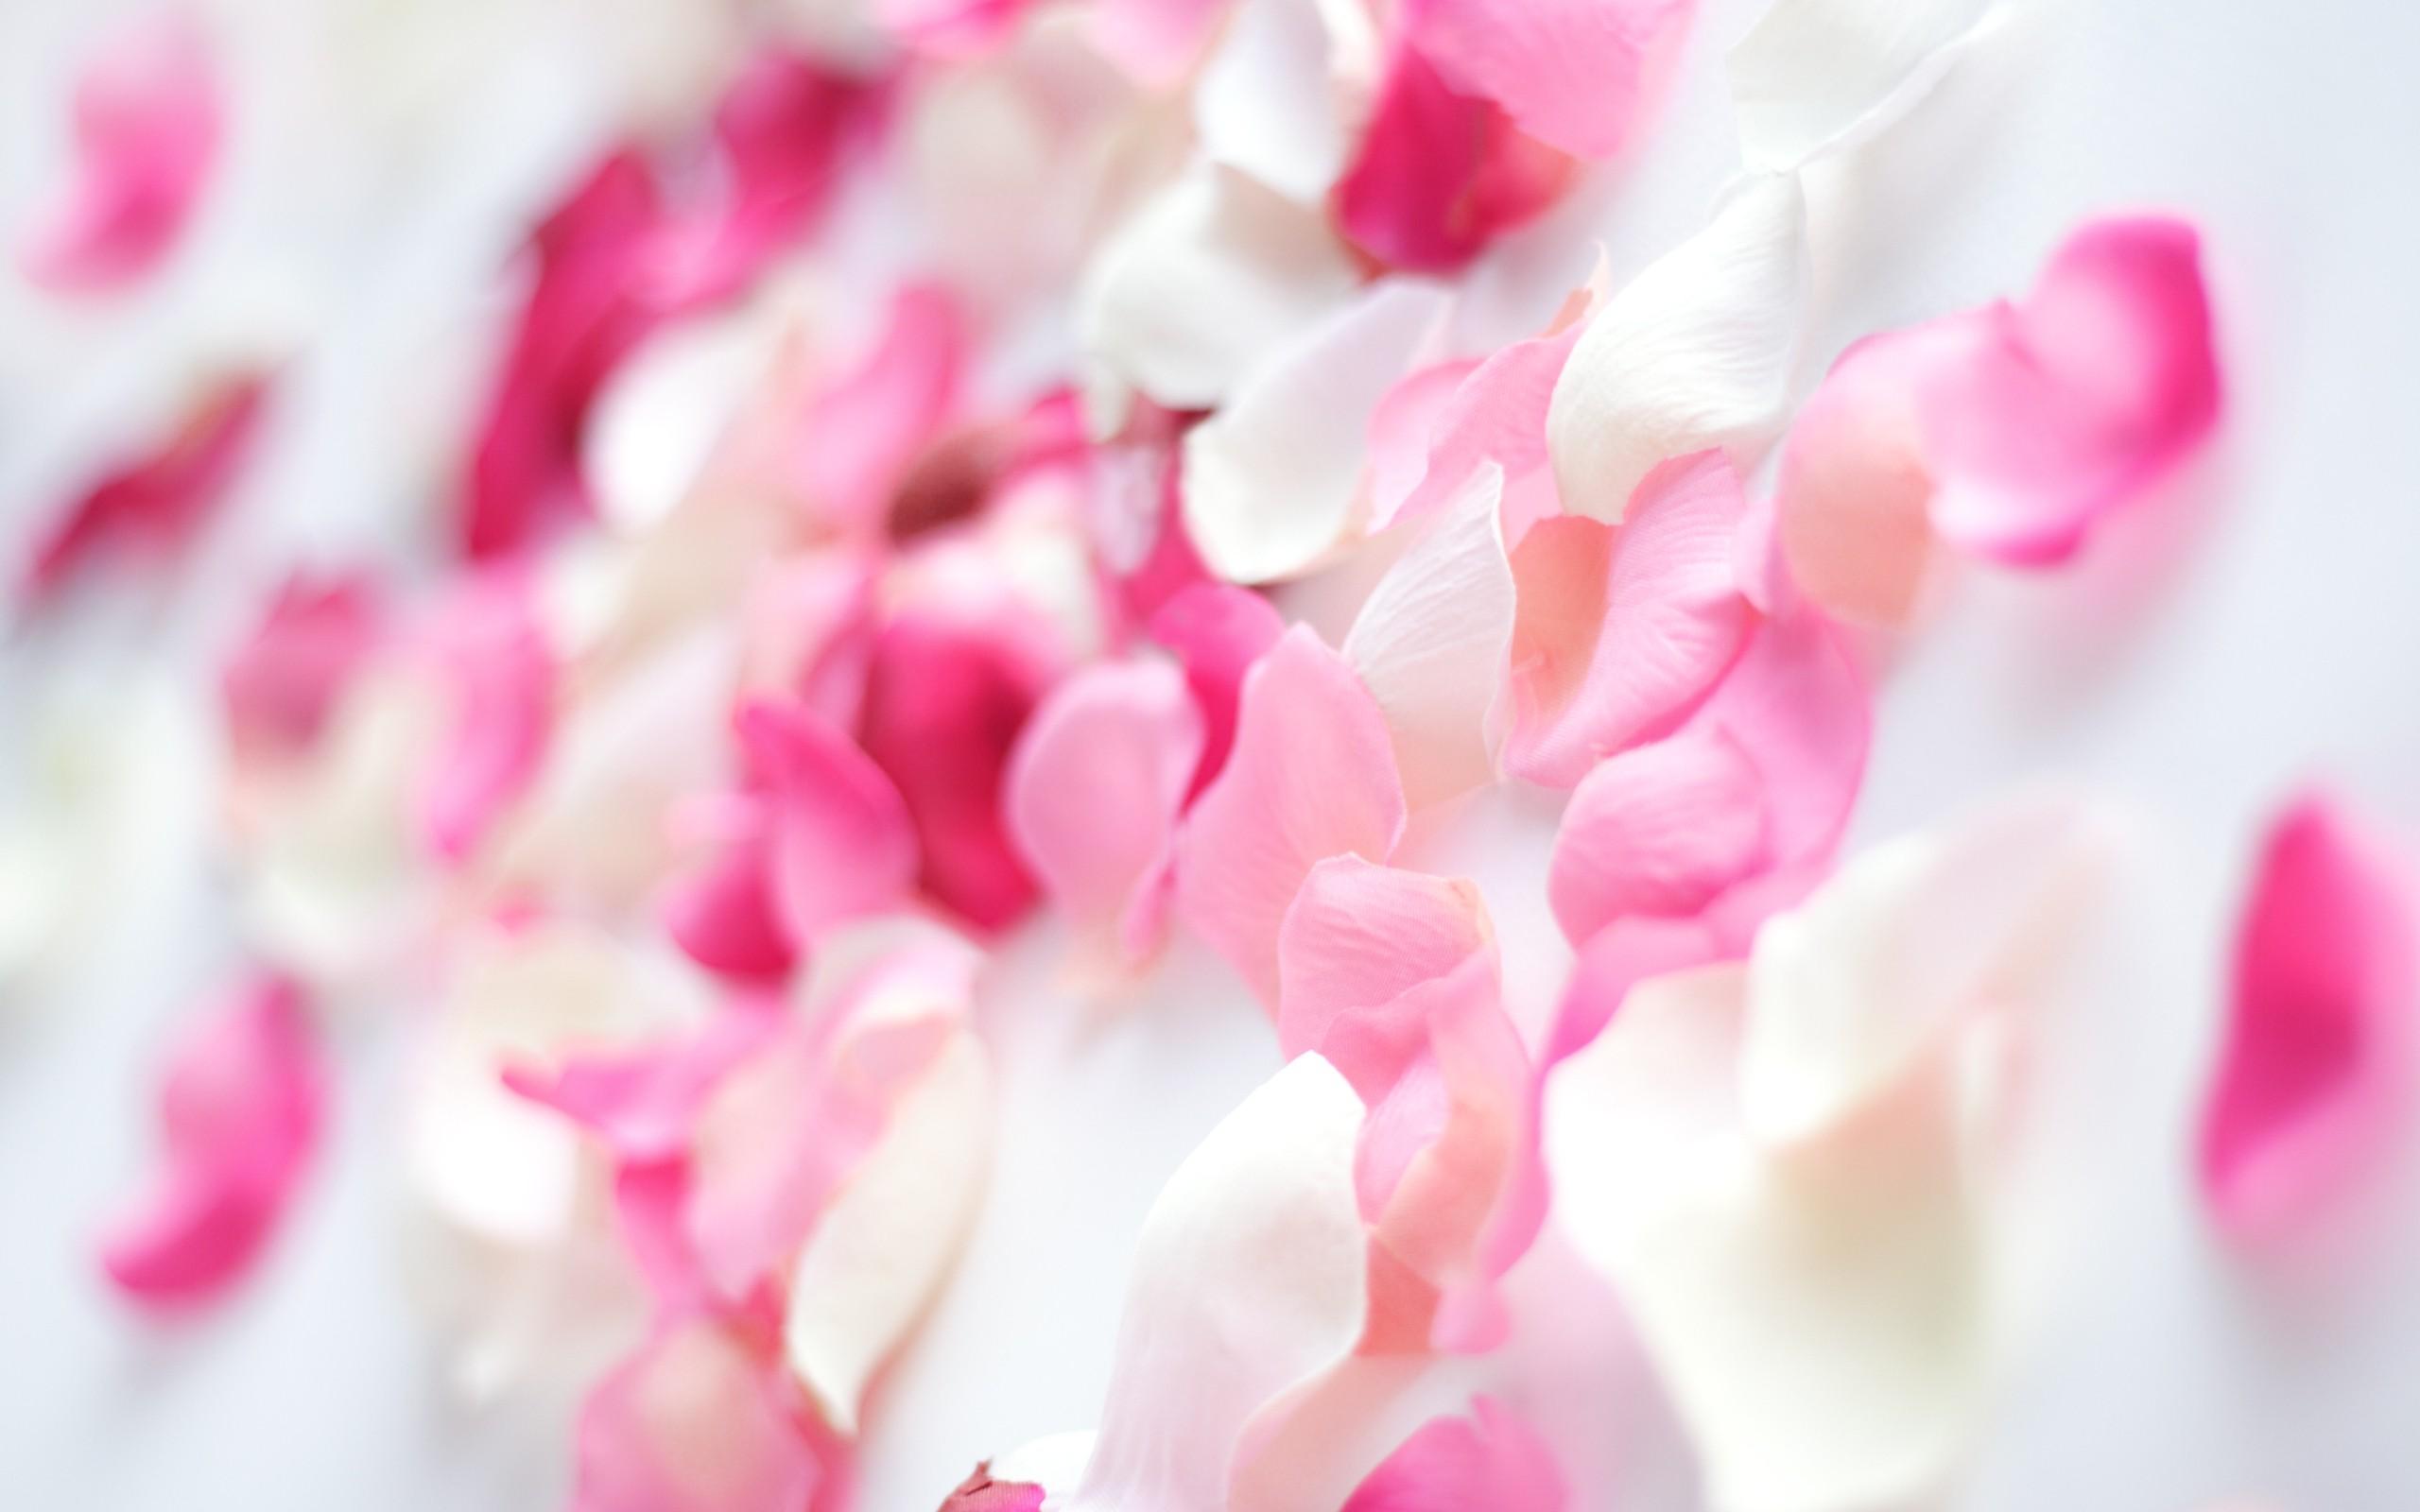 صورة خلفيات وردي , صور جميله بينك